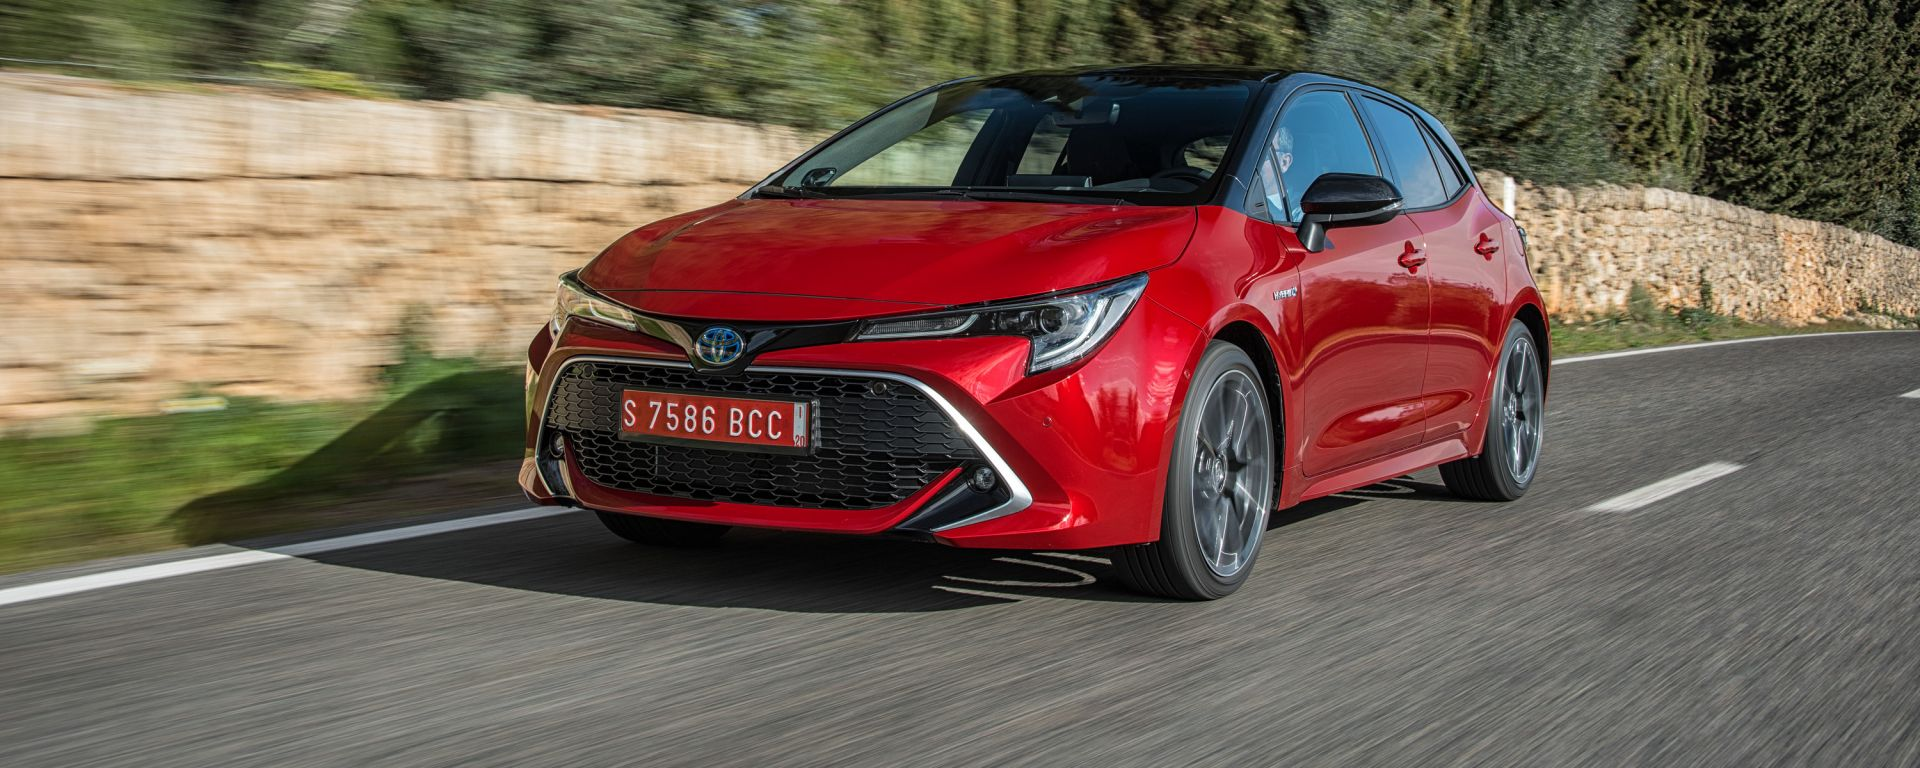 Nuova Toyota Corolla 2019: le opinioni dopo la prova